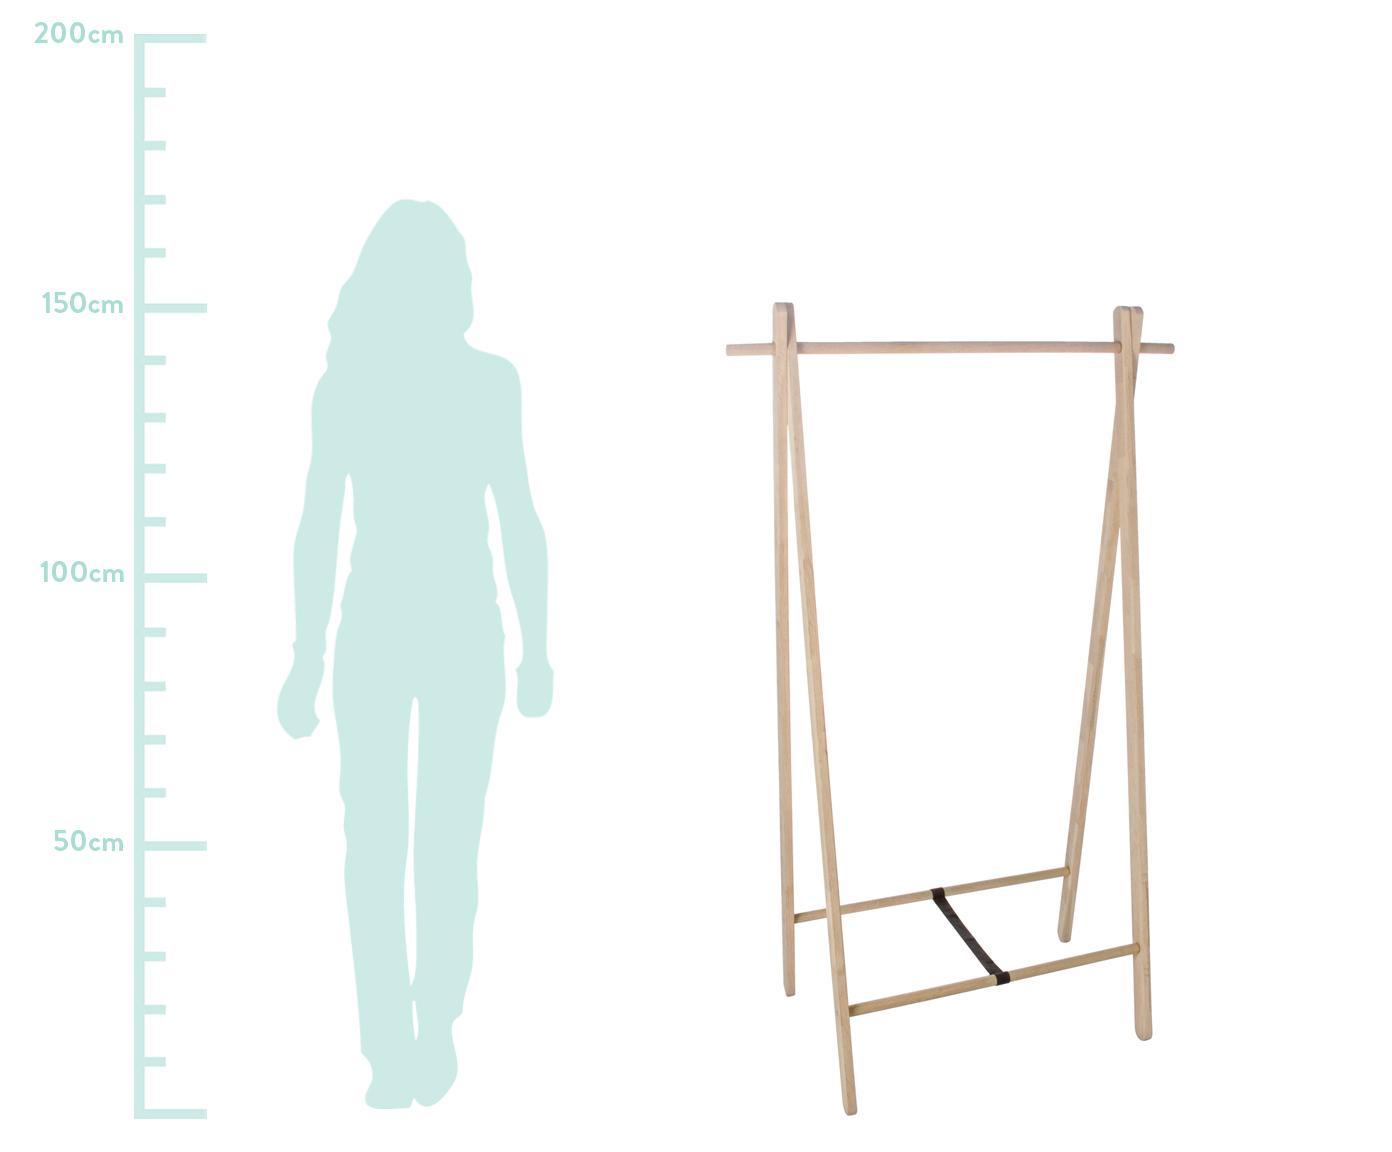 Garderobe Stand aus Eichenholz, Braun, 89 x 151 cm